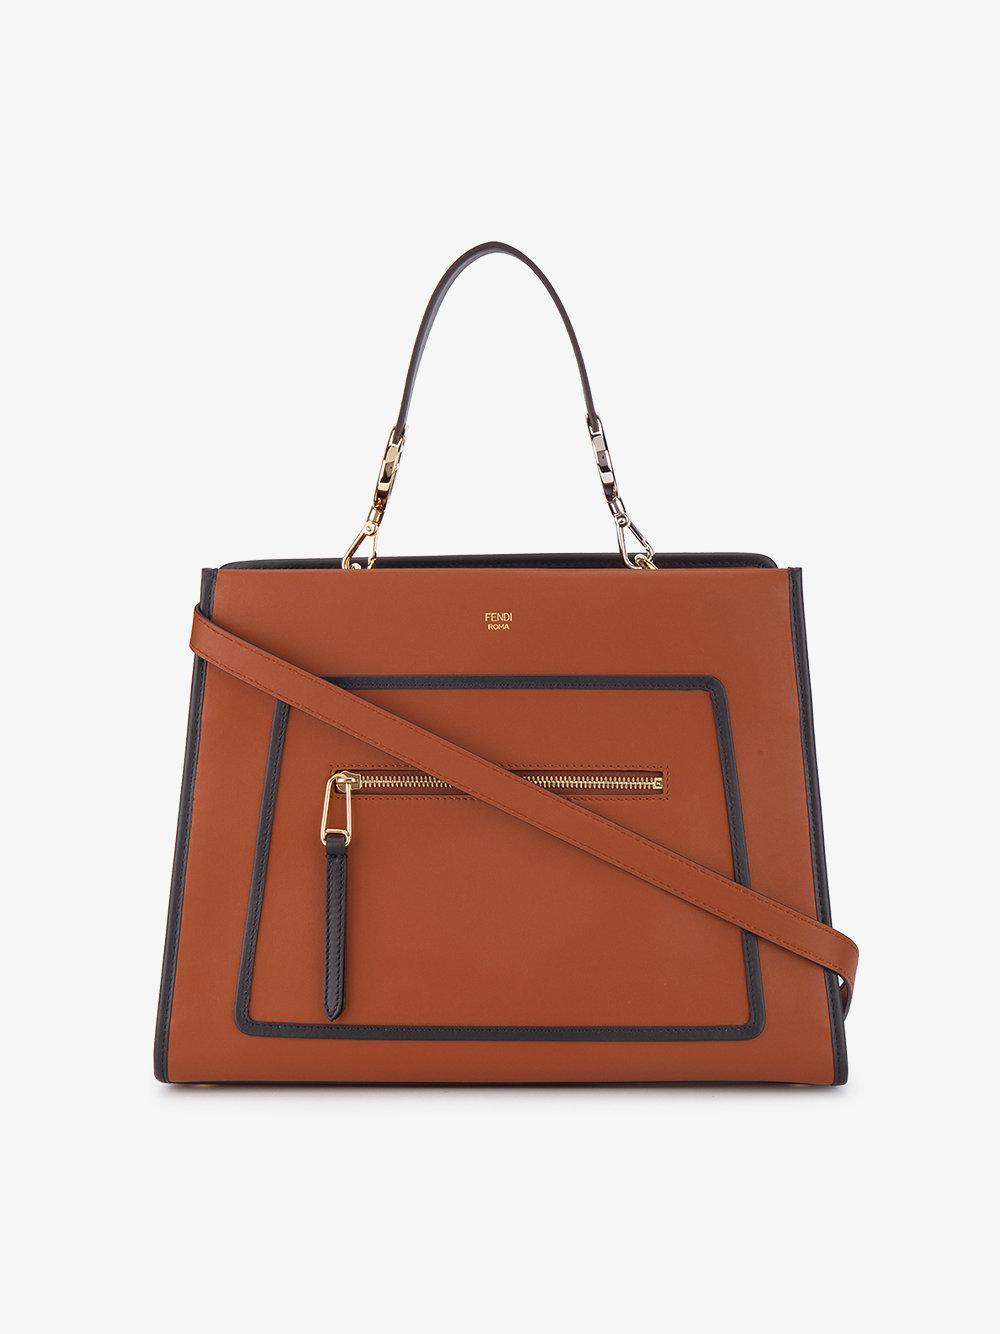 532244de1601 Fendi Large Runaway Box Bag in Brown - Lyst